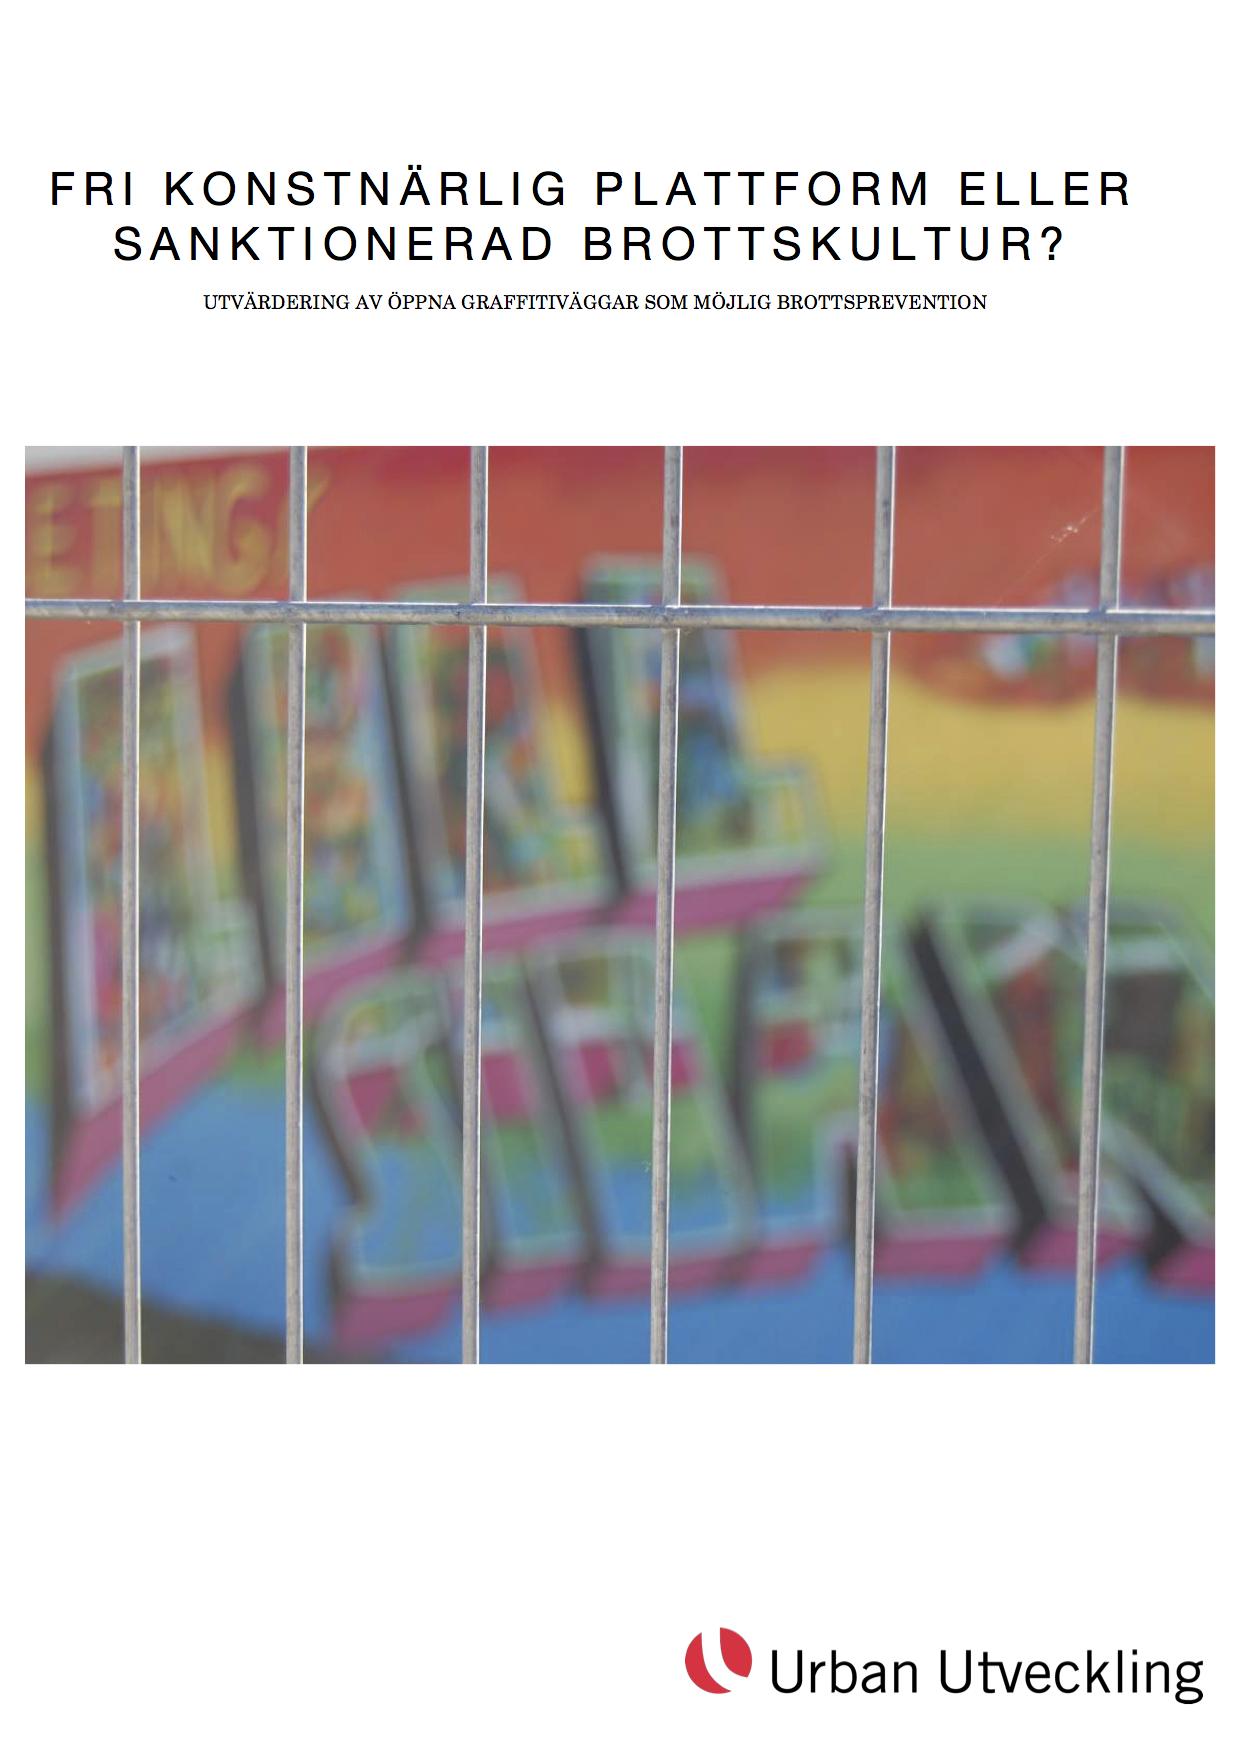 Utvardering-av-laglig-graffiti--Slutrapport-2016-10-24